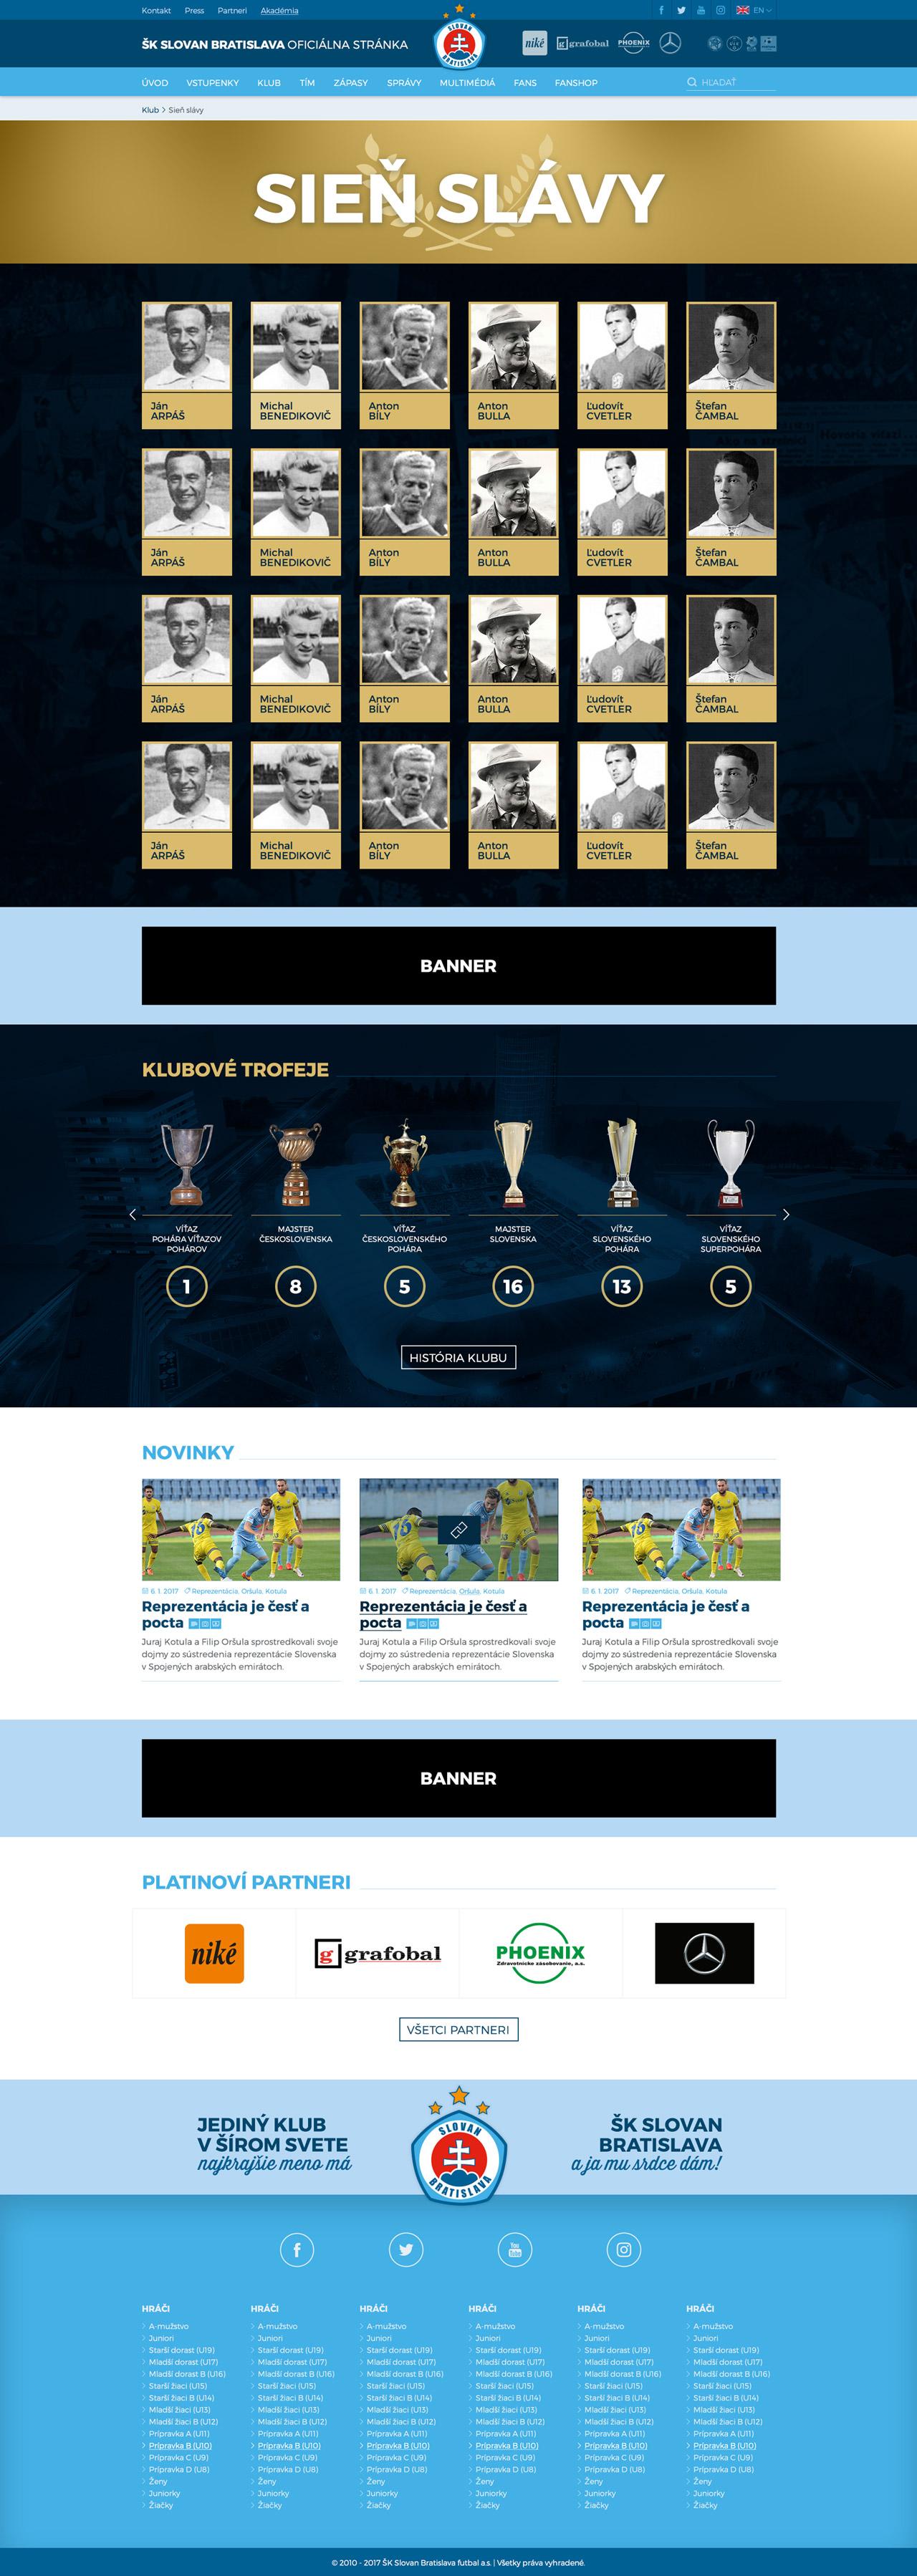 SKSLOVAN.com - sieň slávy